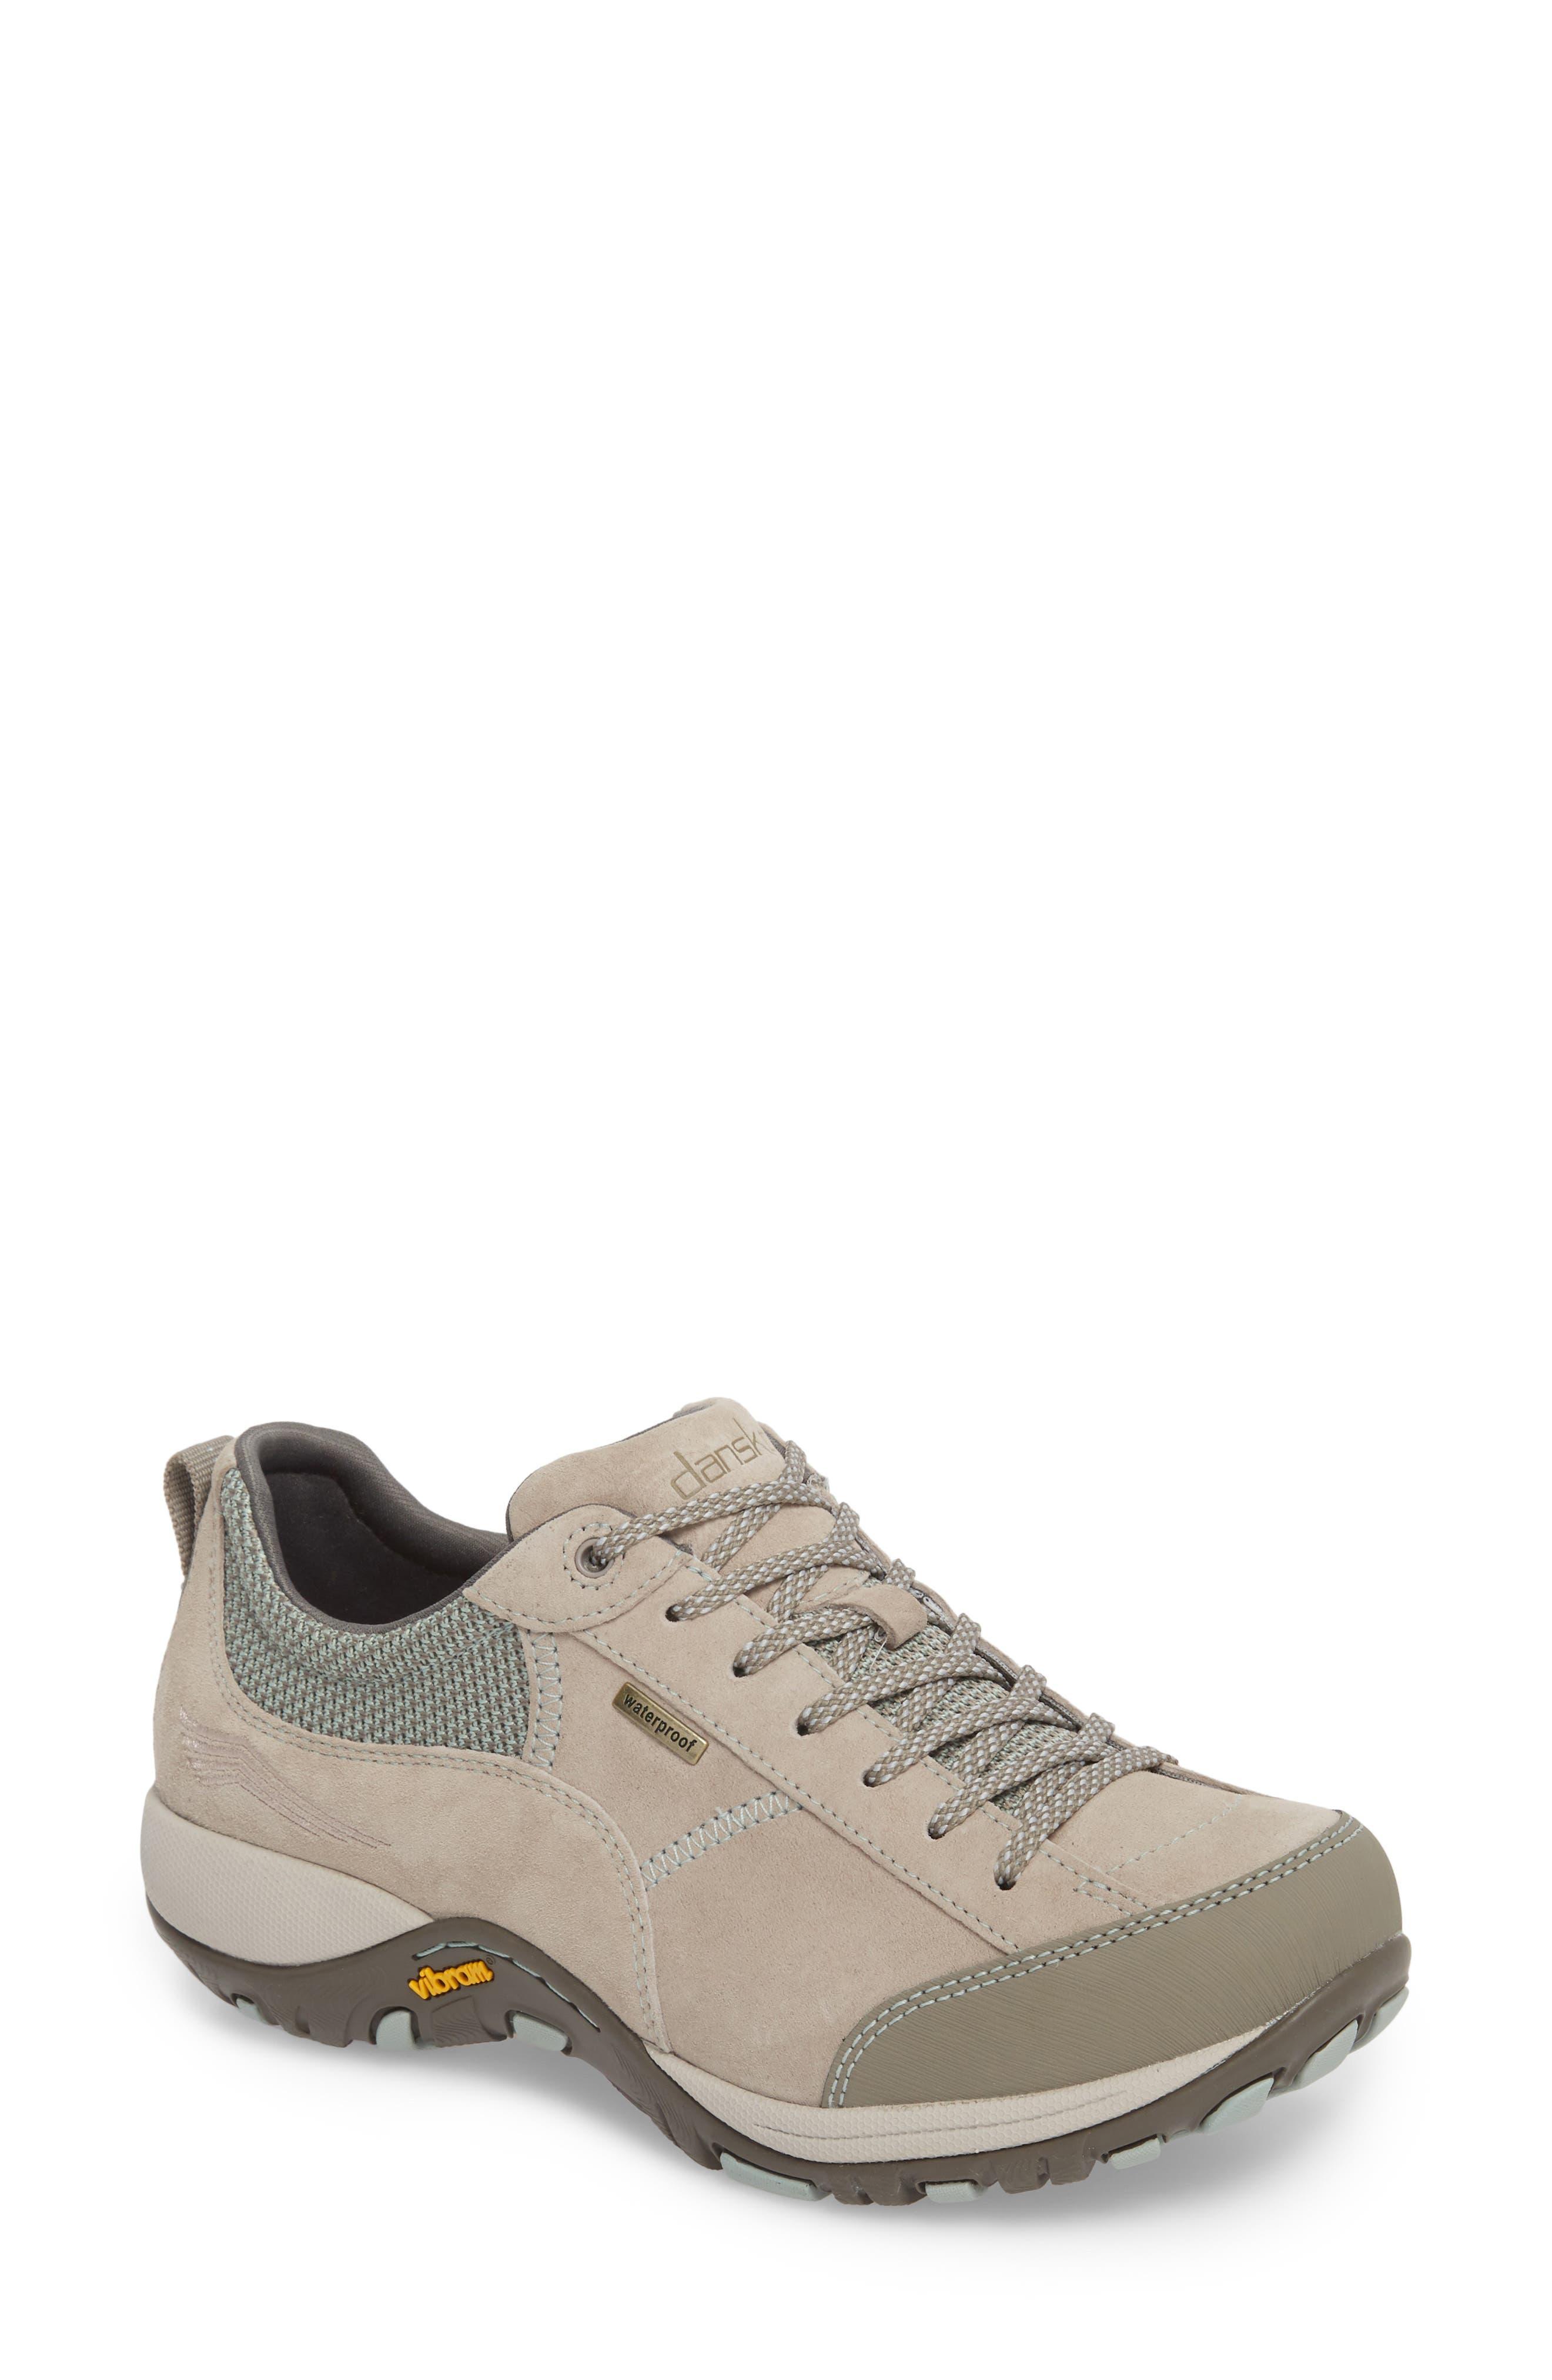 Paisley Waterproof Sneaker,                         Main,                         color, STONE SUEDE